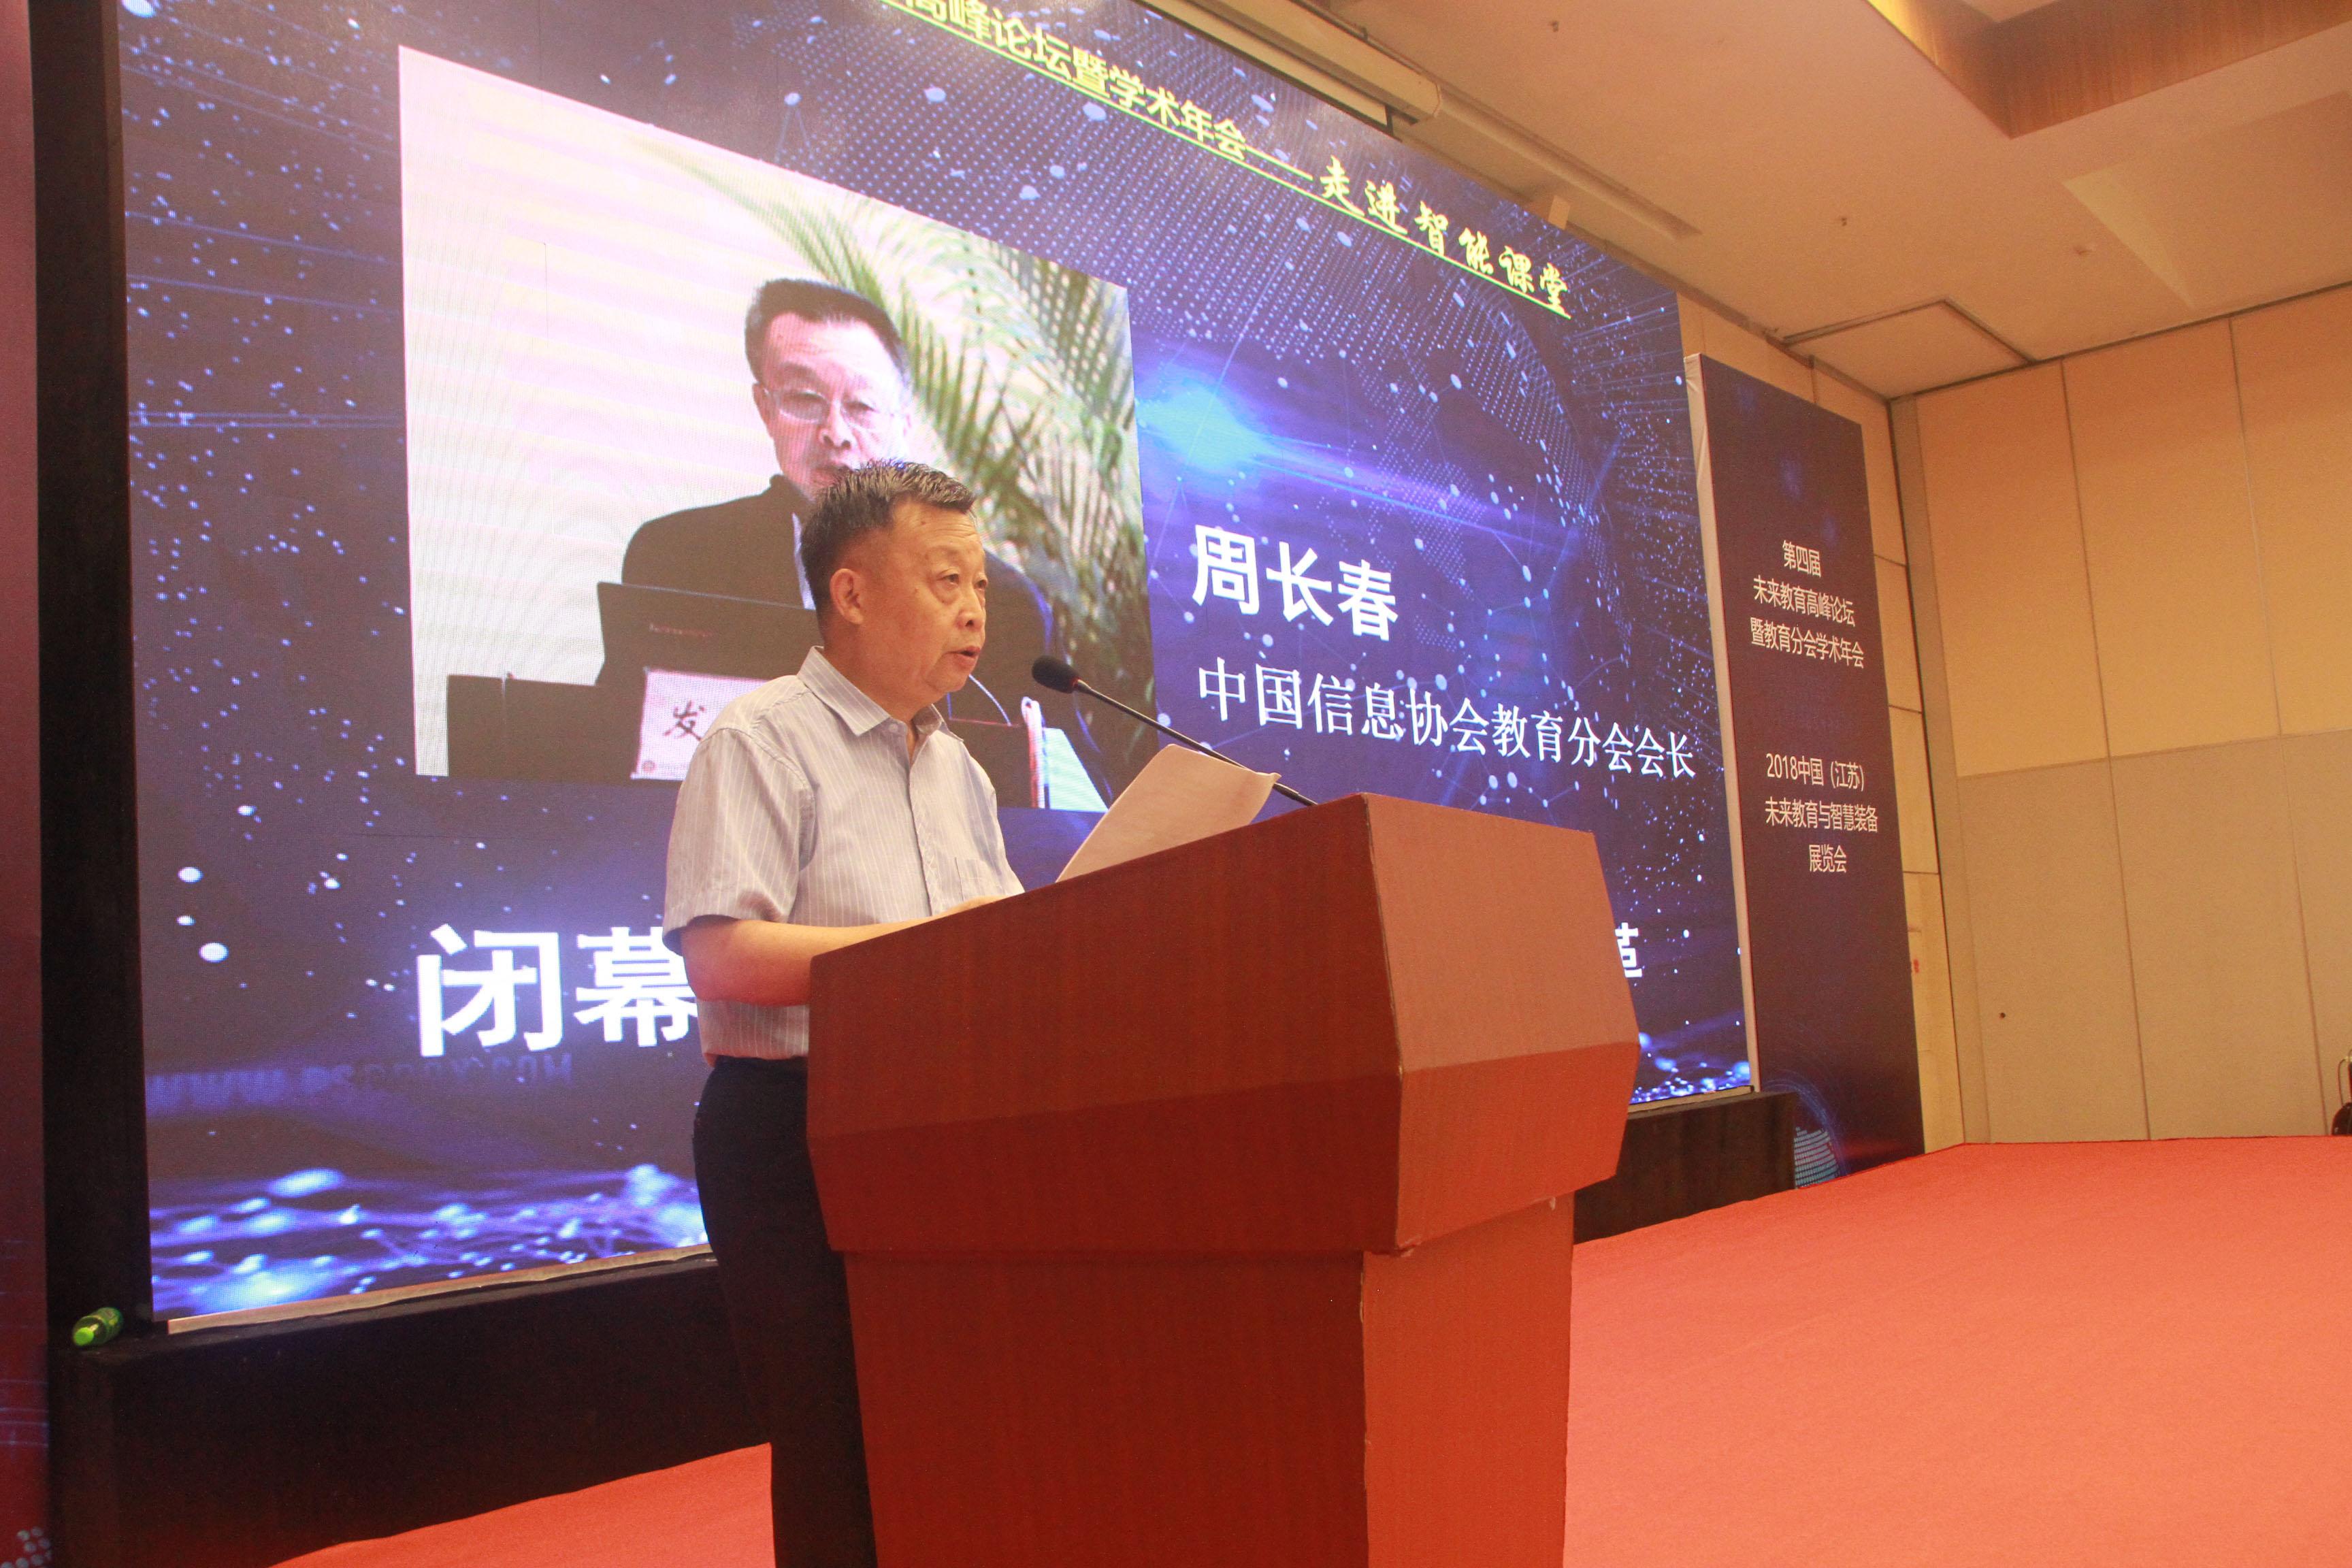 第四届未来教育高峰论坛精彩回放